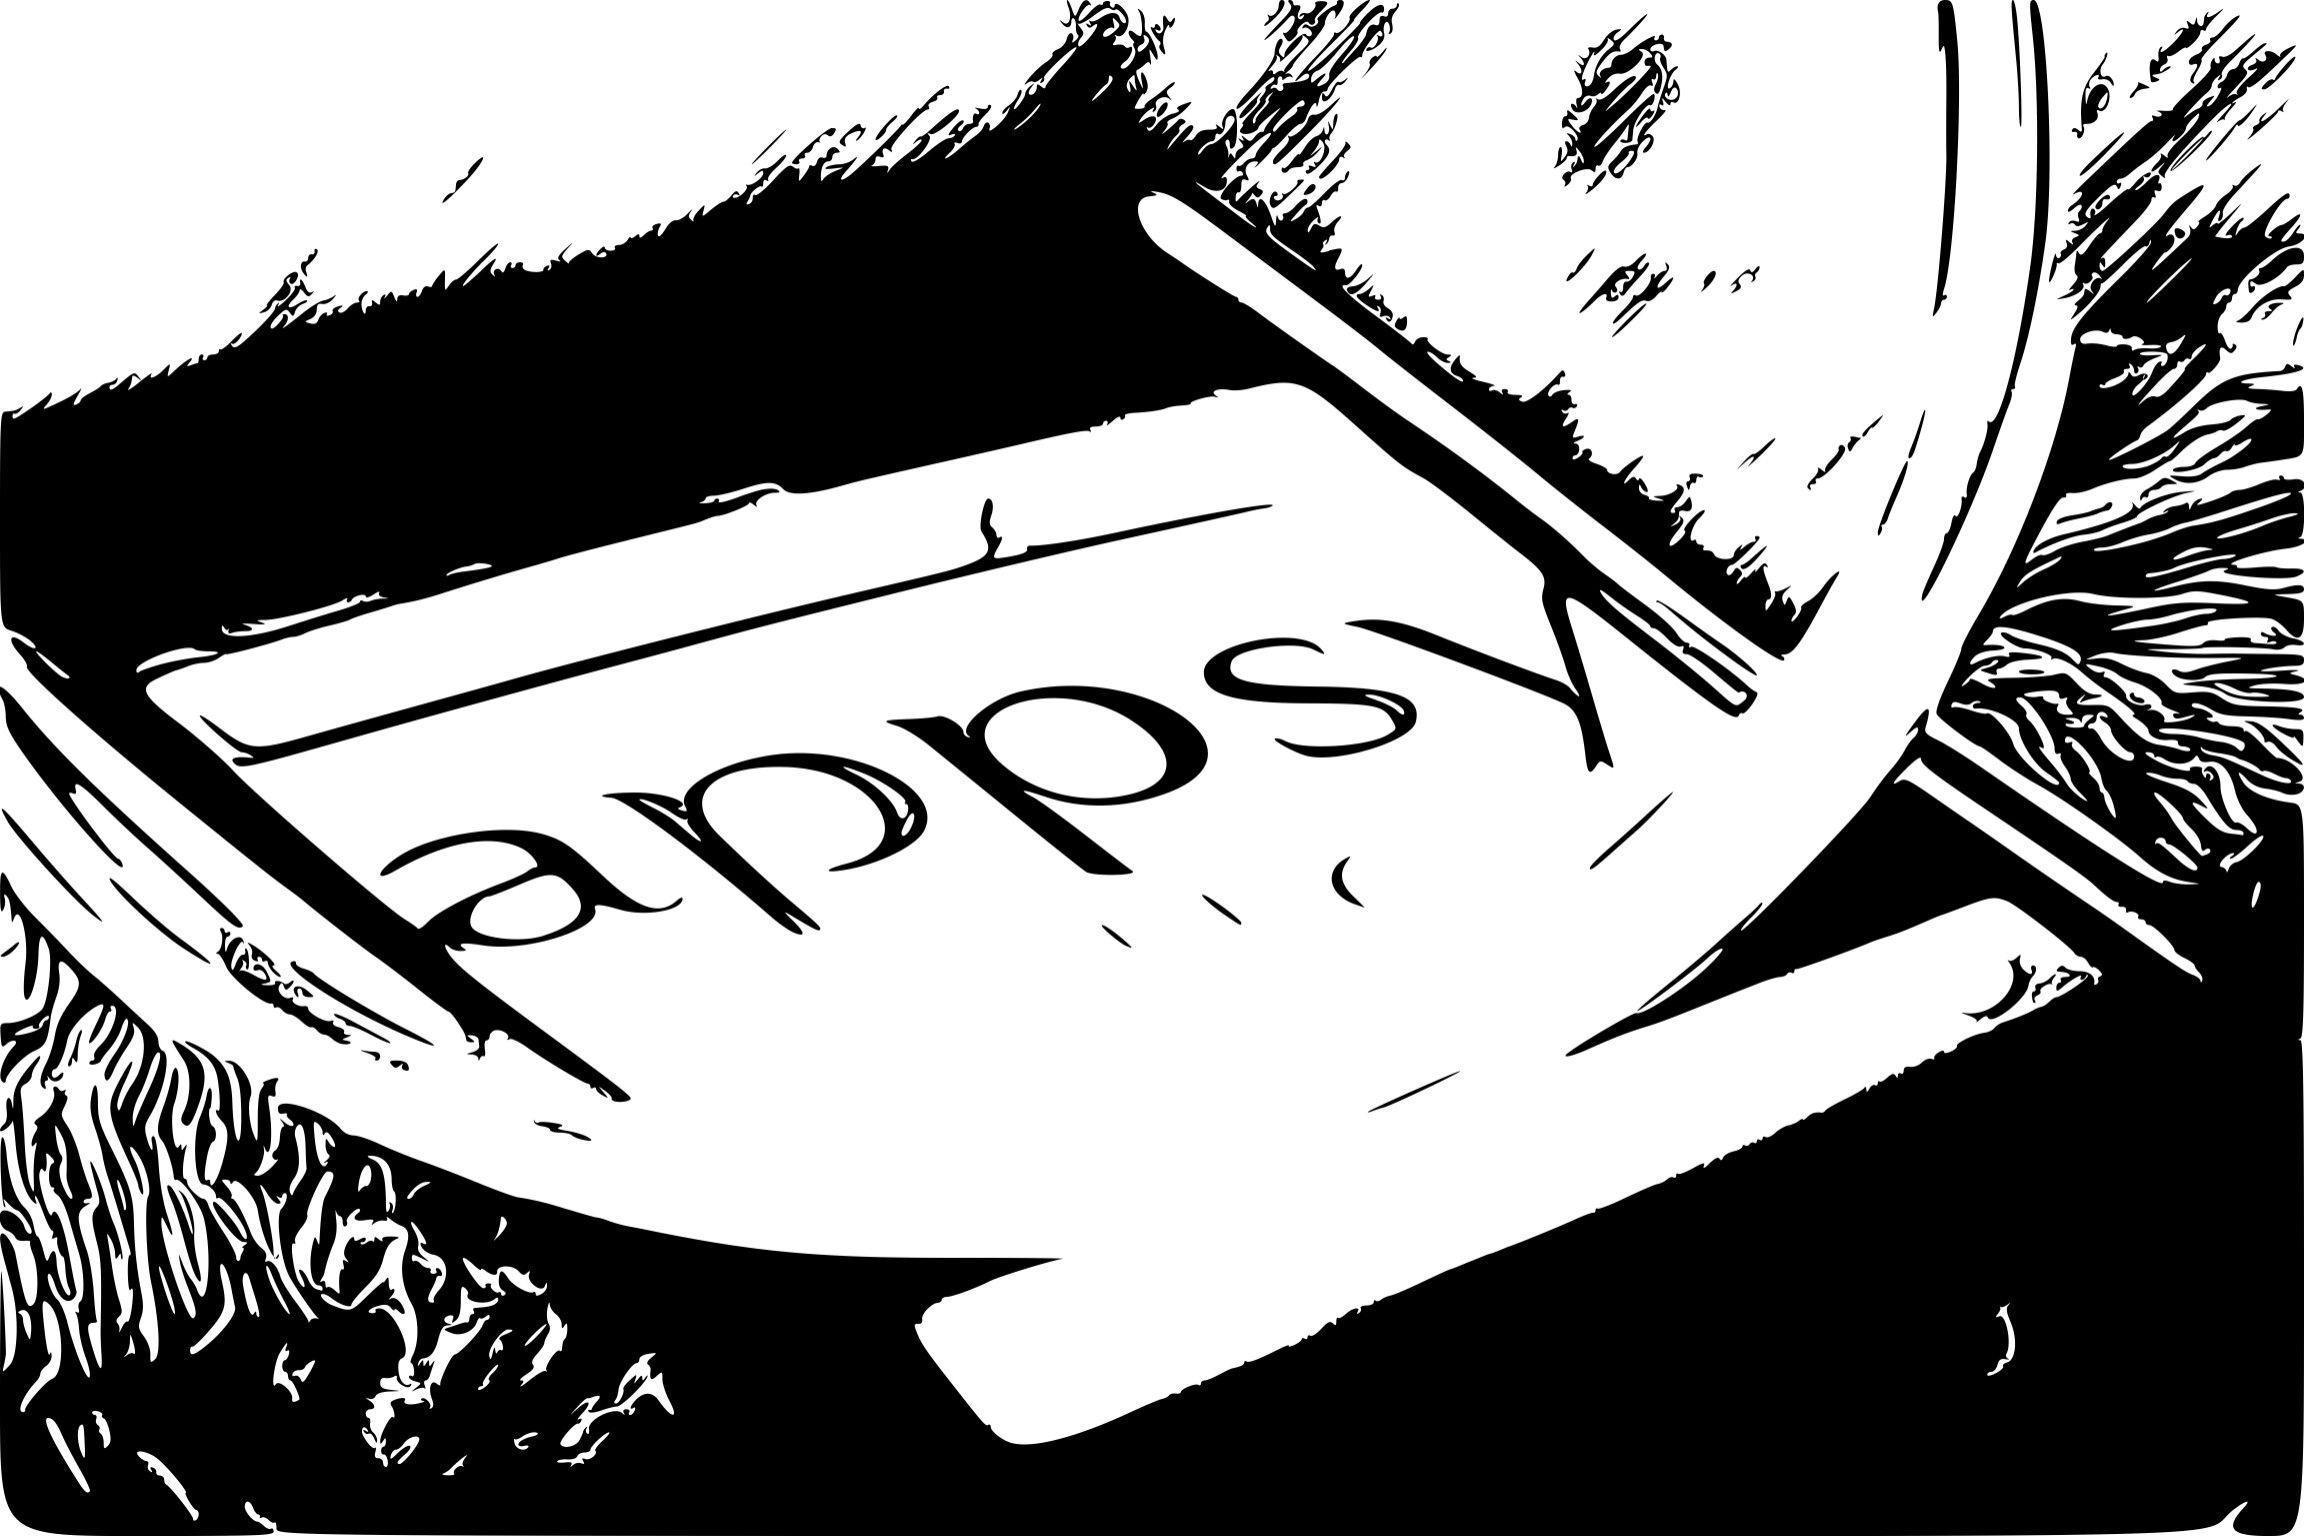 appsy desempleo es una inmejorable forma de tener apoyo psicologico gratis en cualquier momento y lugar, con el que es fácil interactuar.